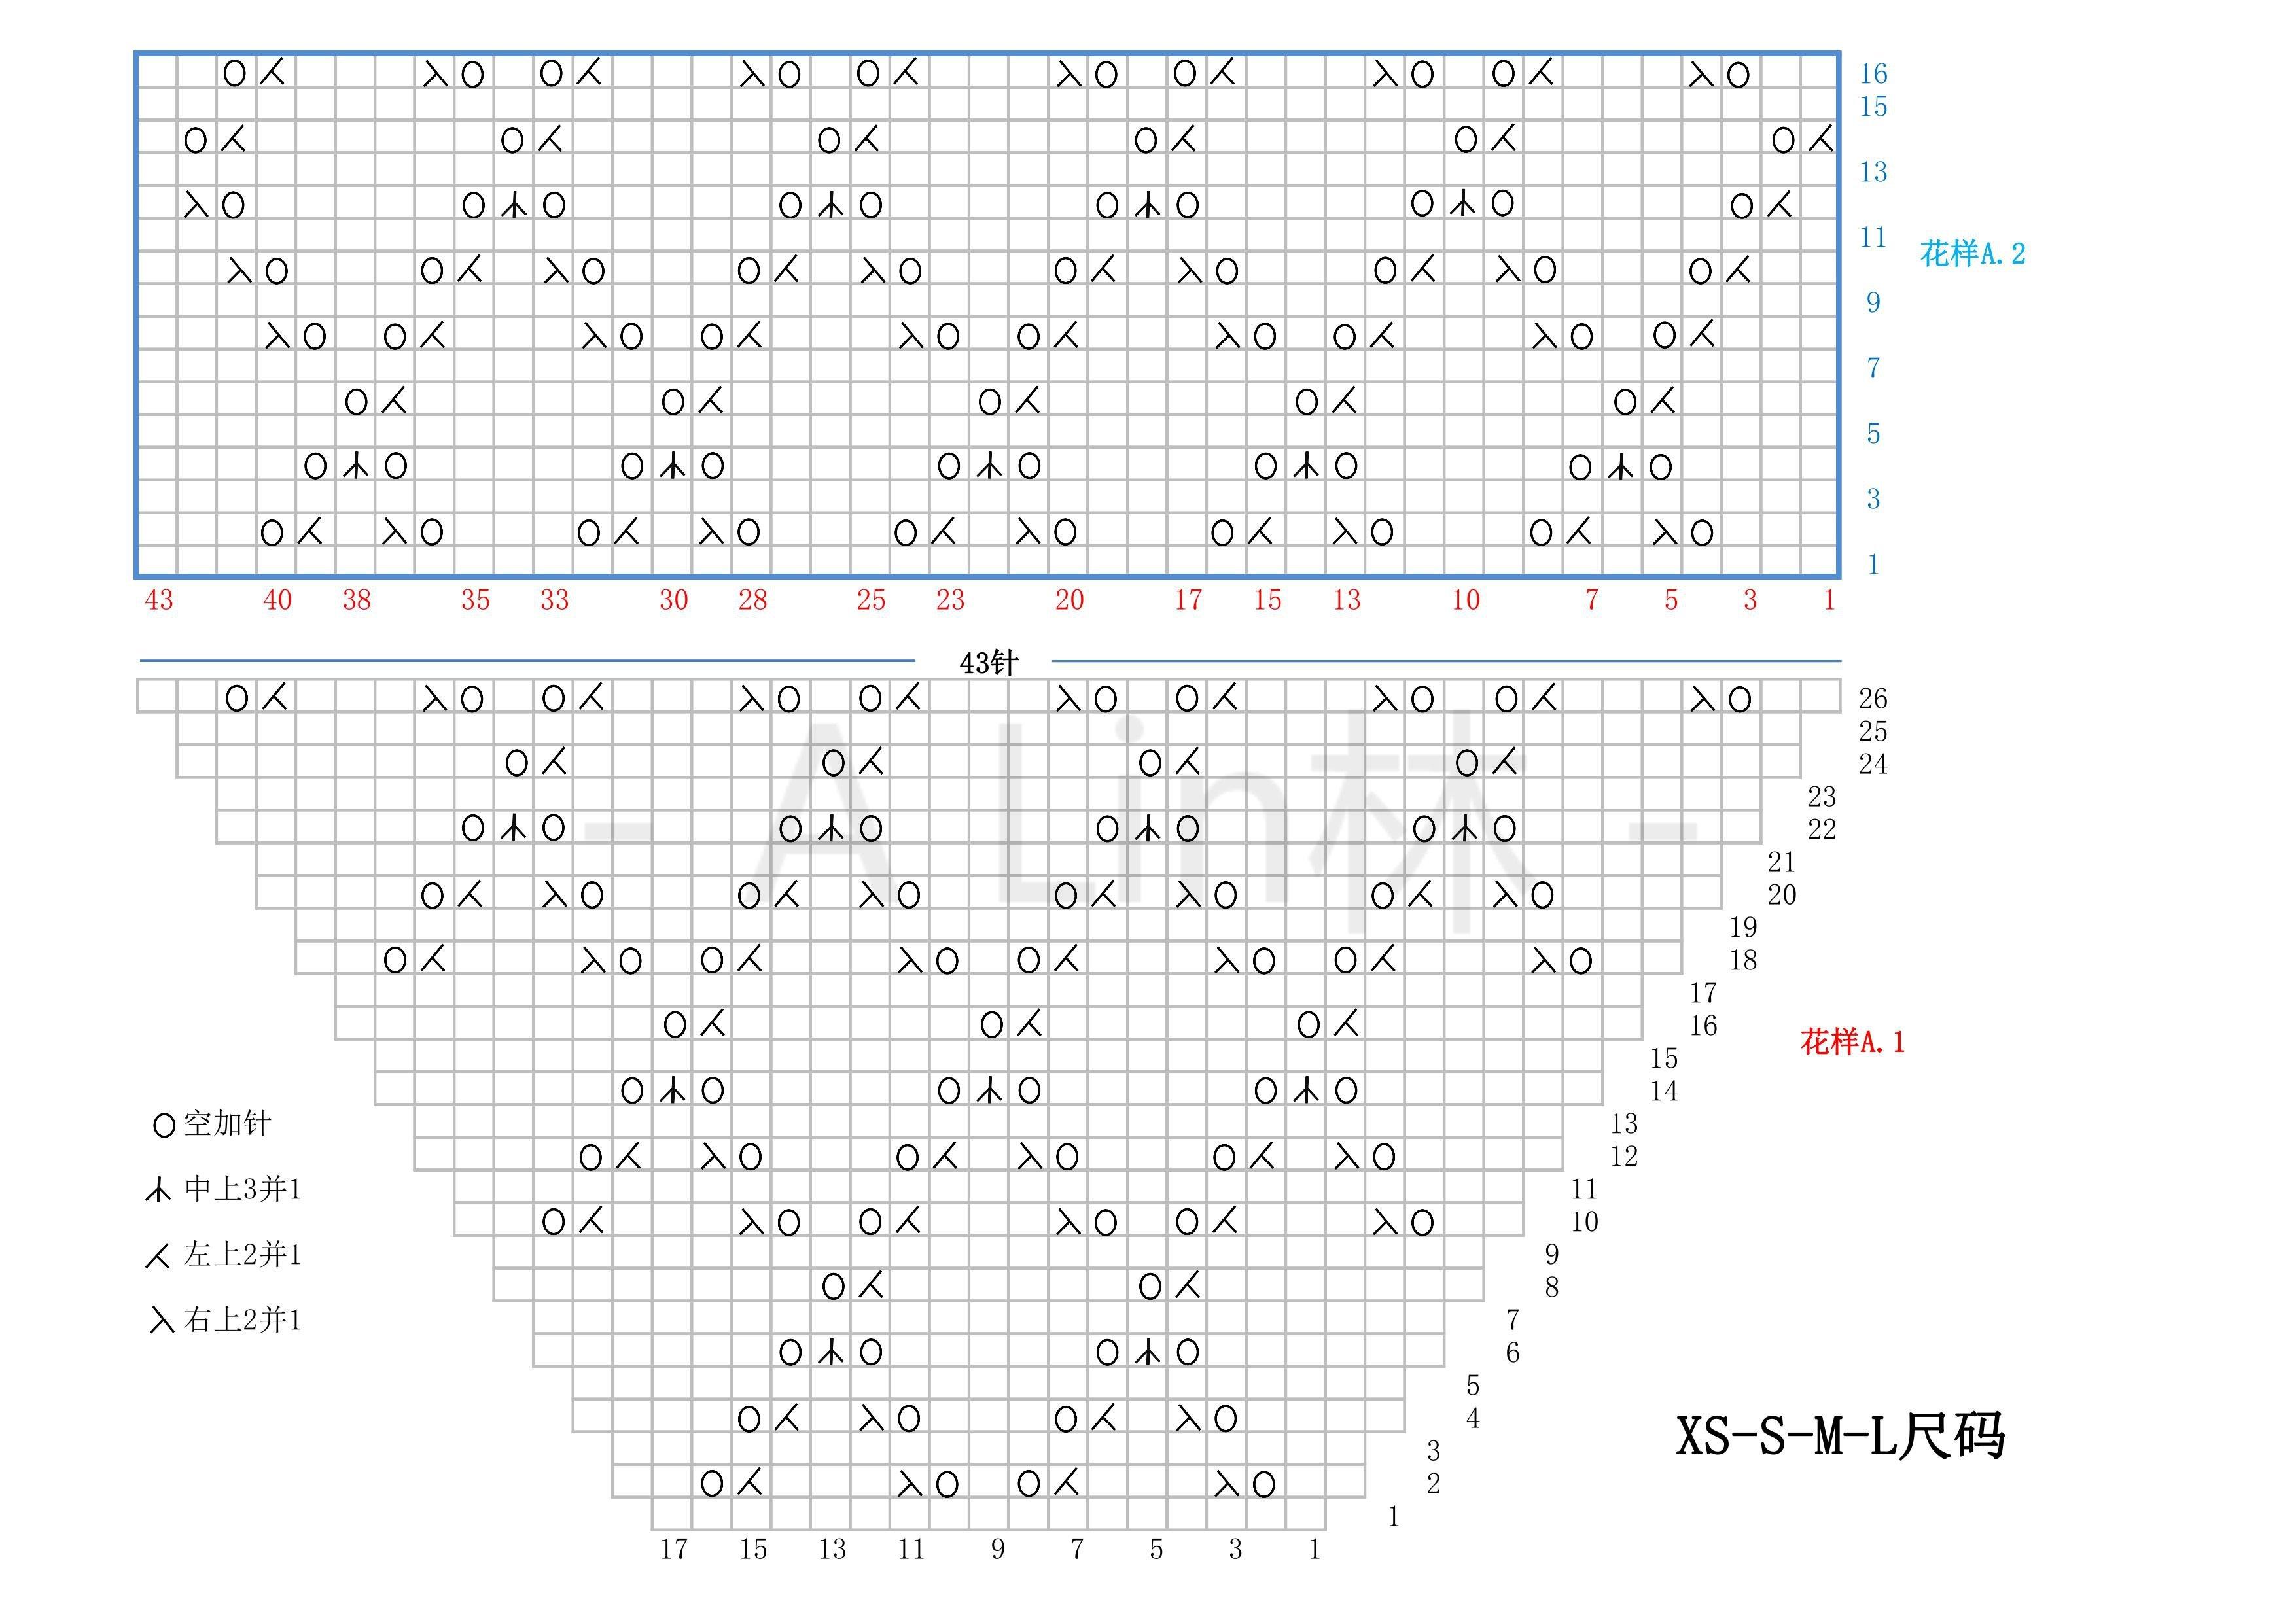 【A Lin林翻译】柠檬-粗针羊驼羊毛镂空套头衫 (4).jpg